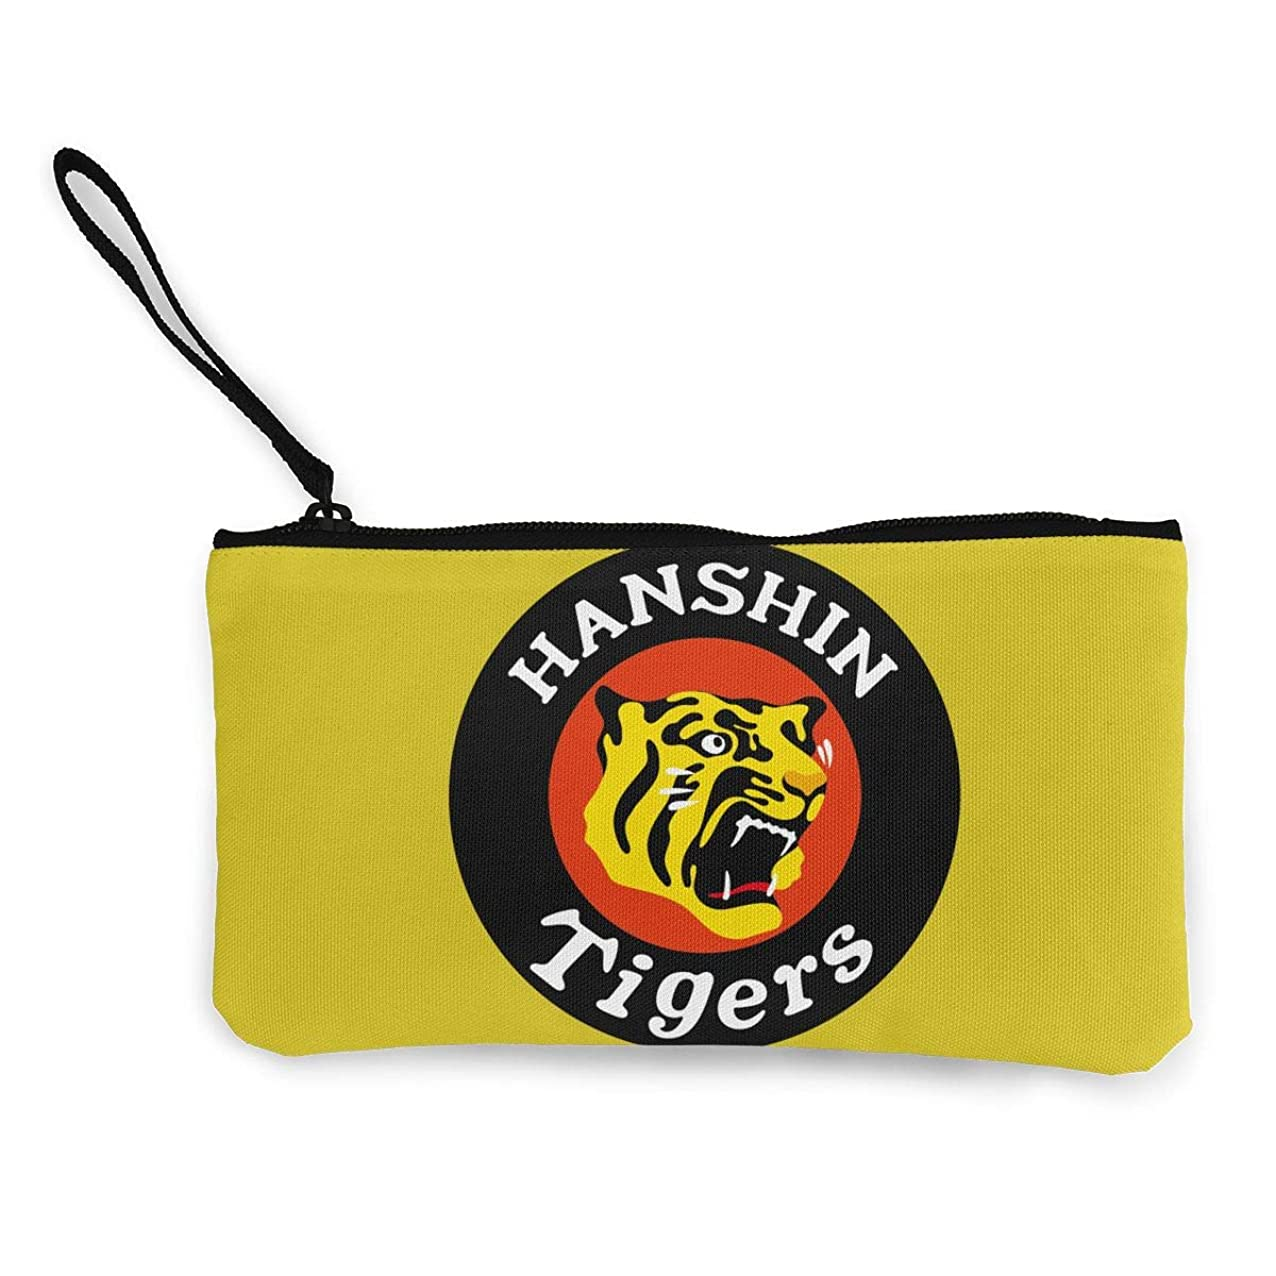 サーフィン電話をかける磁気阪神タイガース 小銭入れ ワレット 財布 キャンバス ジッパー付きハンド 大容量